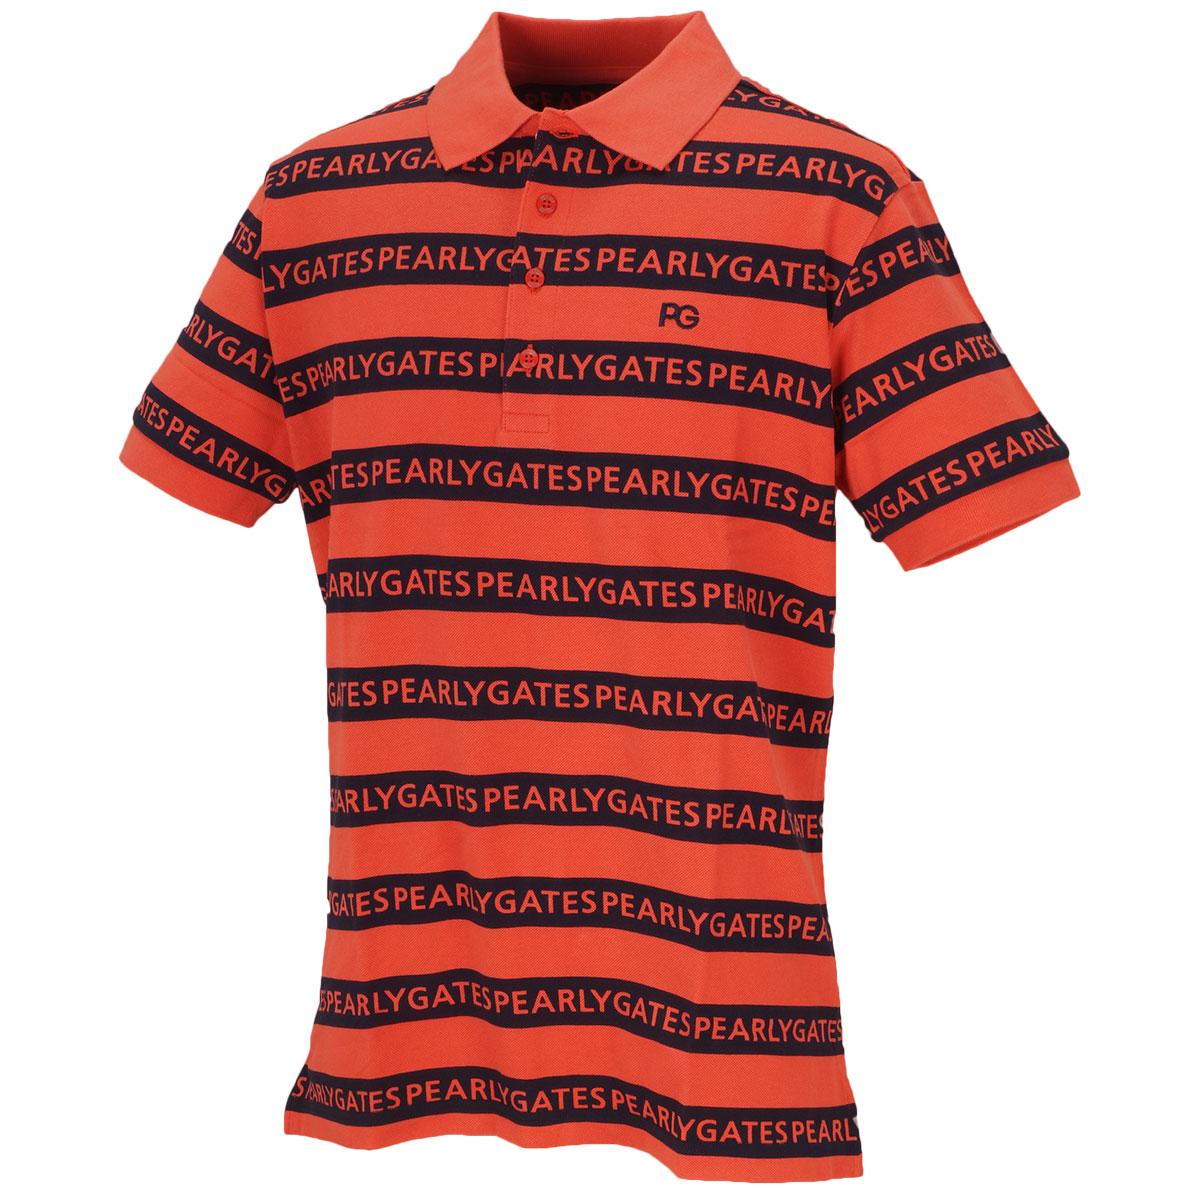 鹿の子 ロゴボーダー半袖ポロシャツ